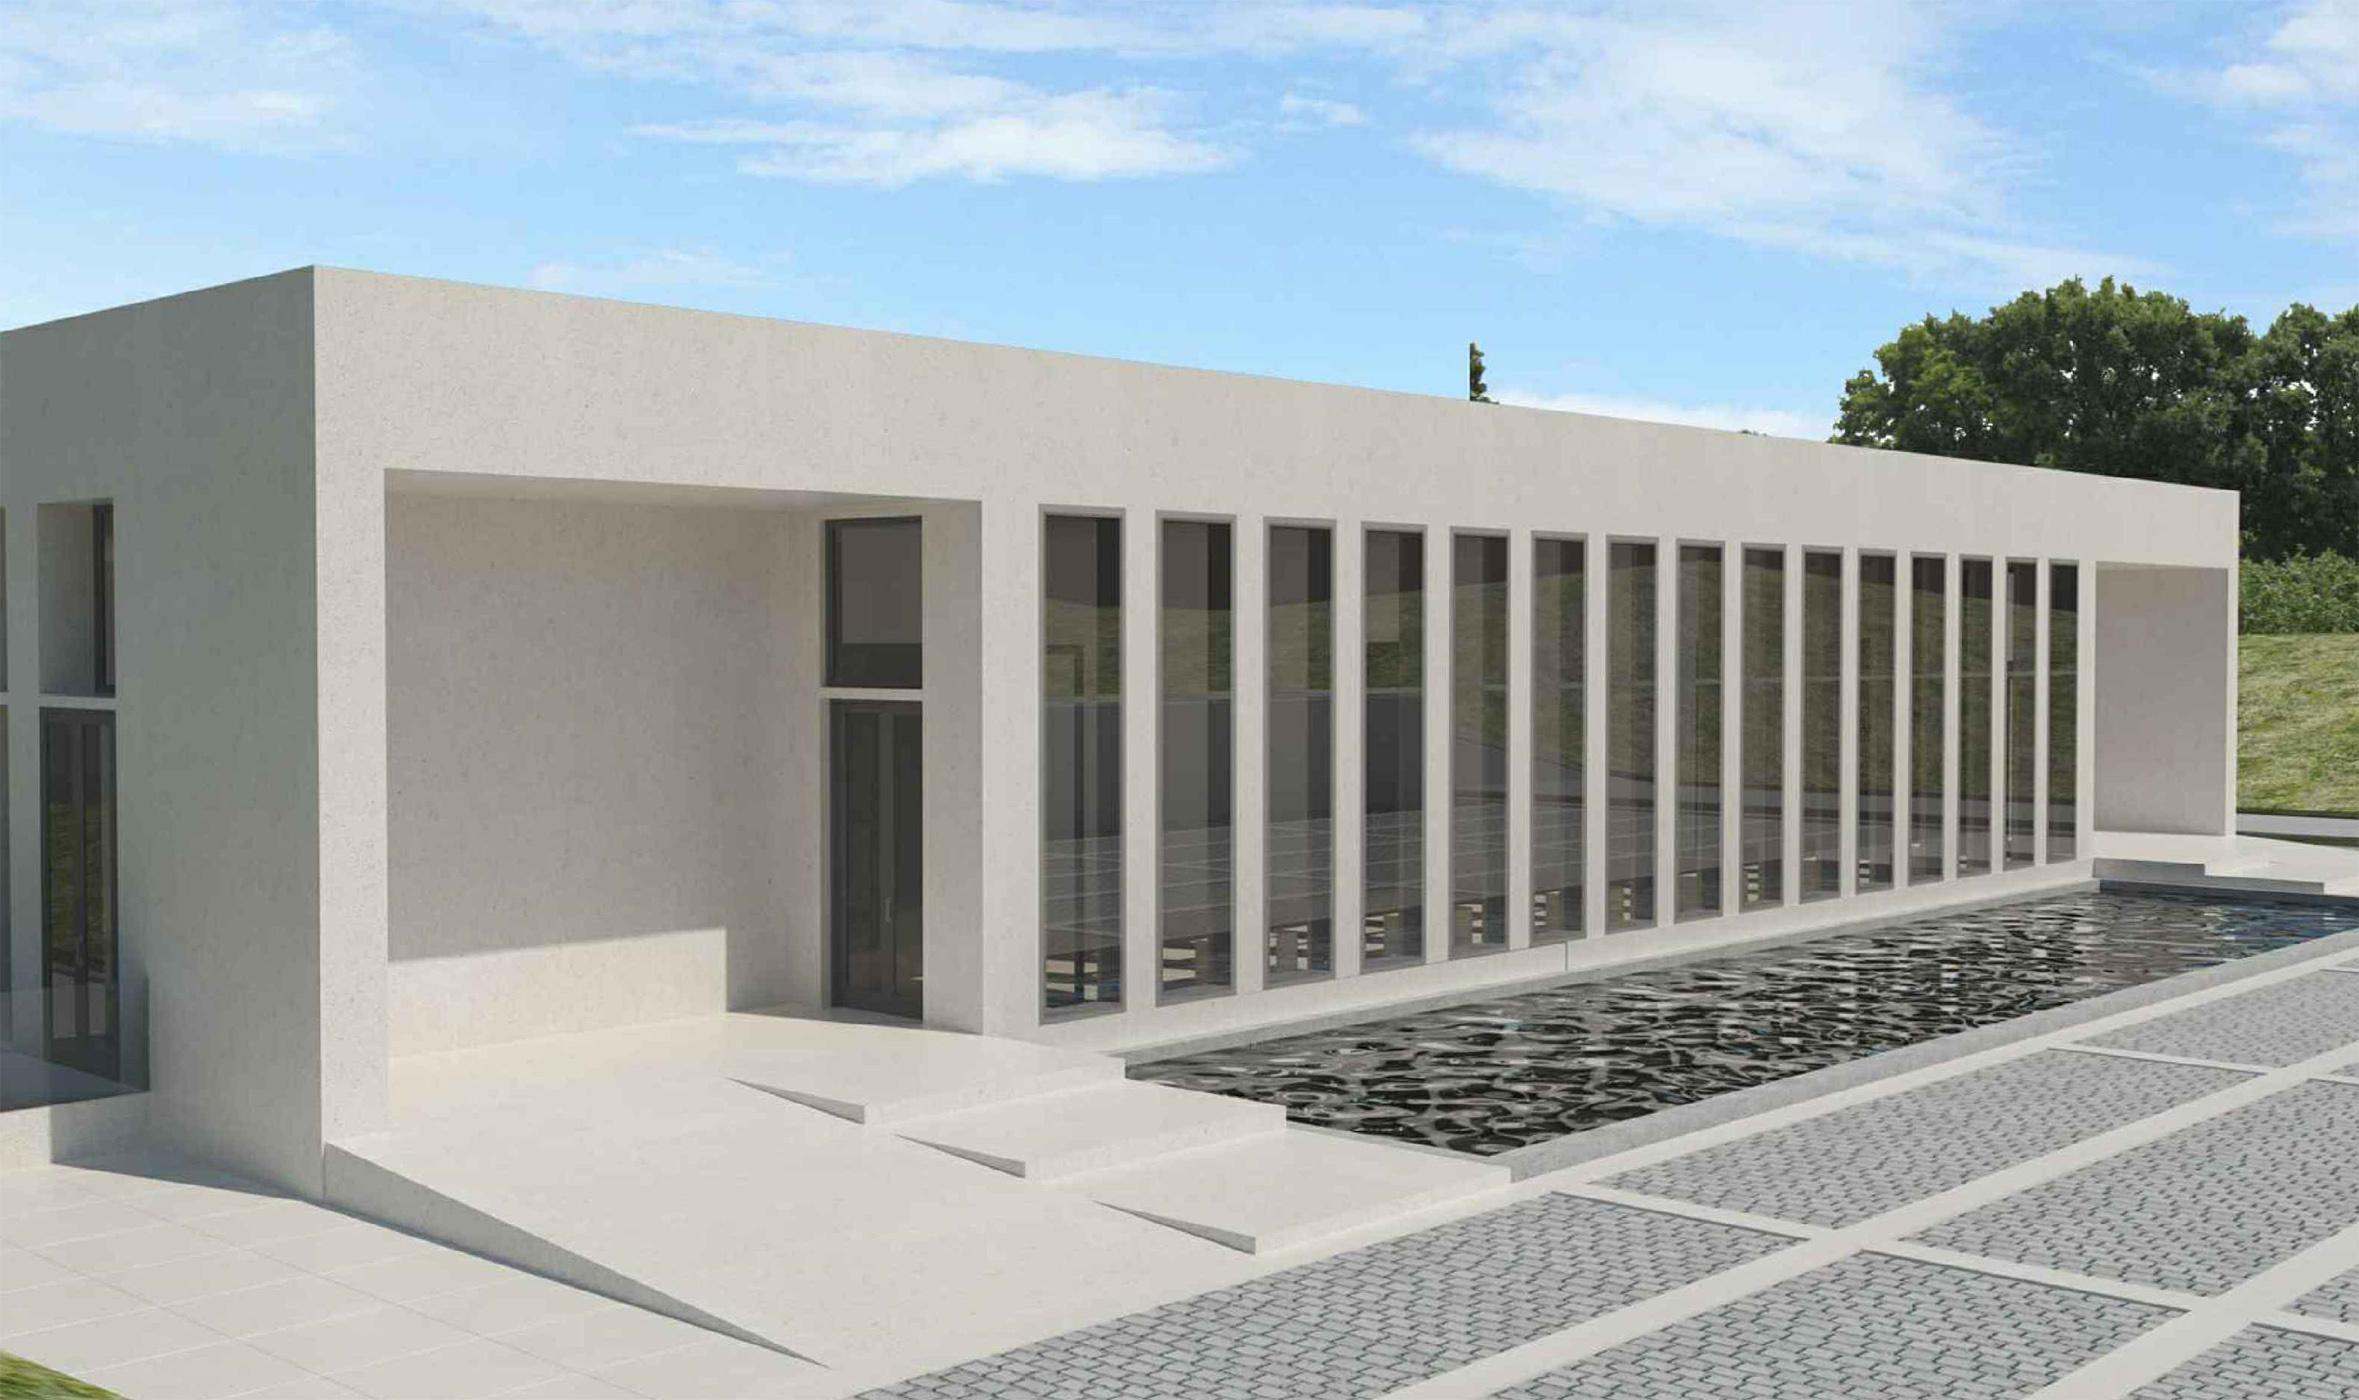 Автор проекта воронежского крематория не смог добиться запрета его строительства